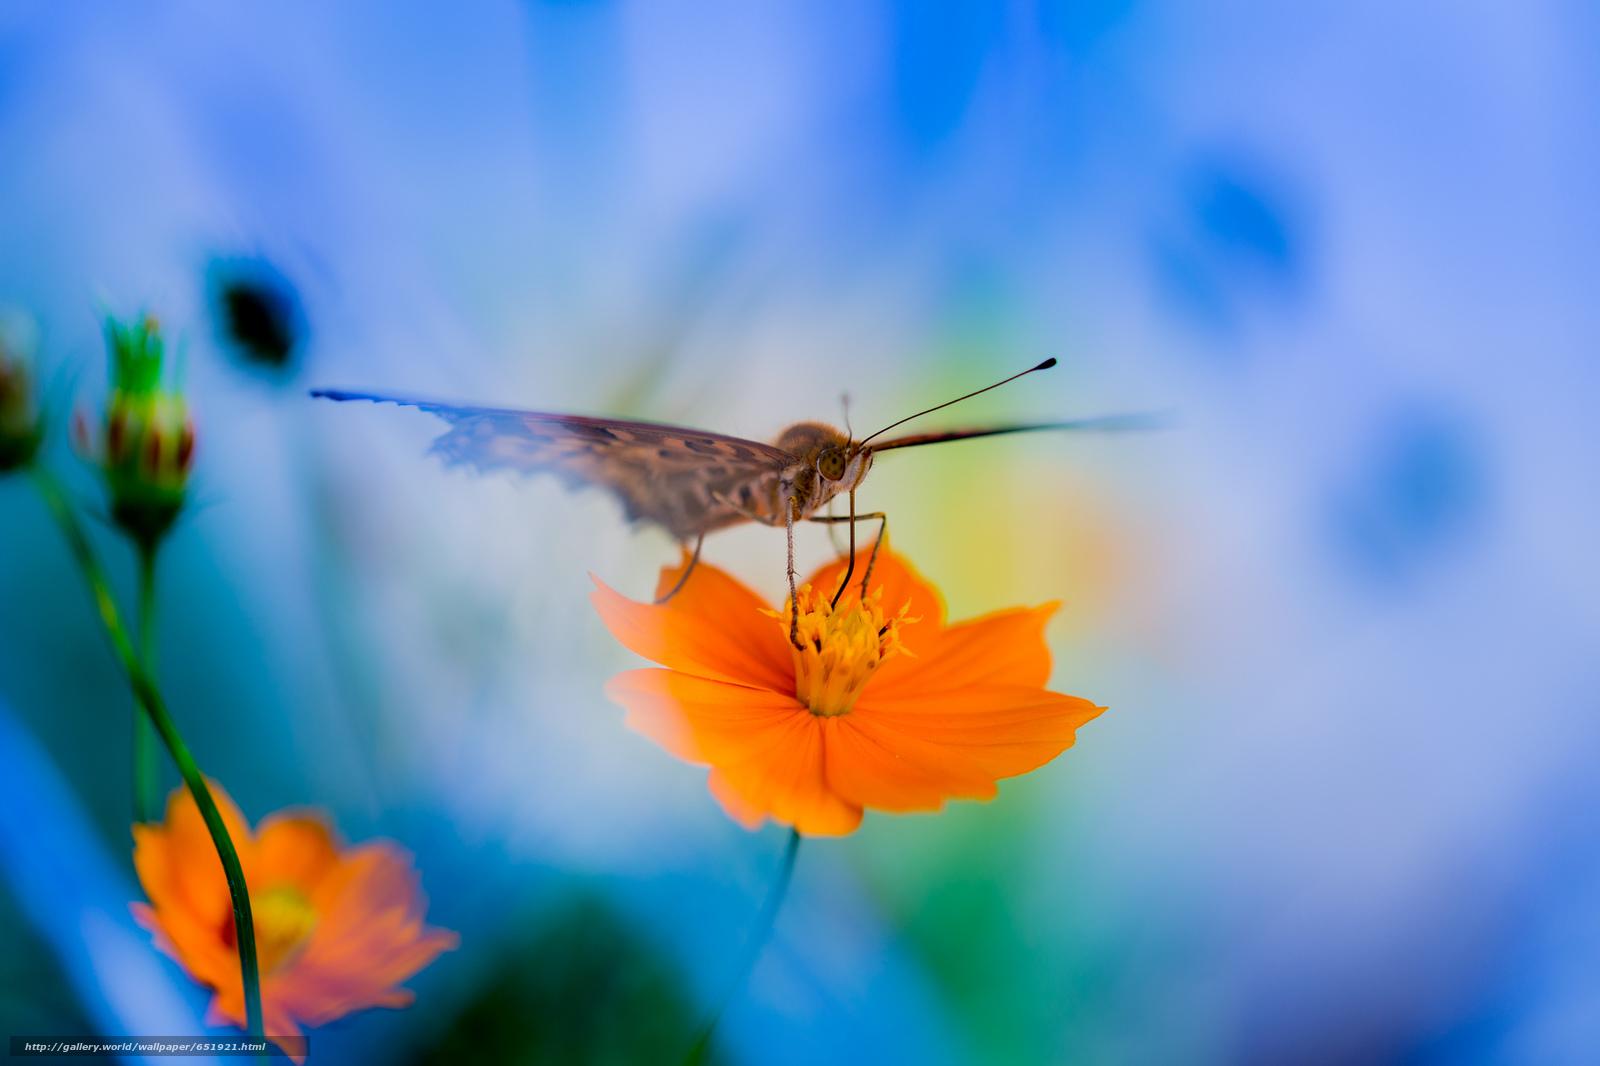 Скачать обои цветок,  бабочка,  макро бесплатно для рабочего стола в разрешении 2048x1365 — картинка №651921